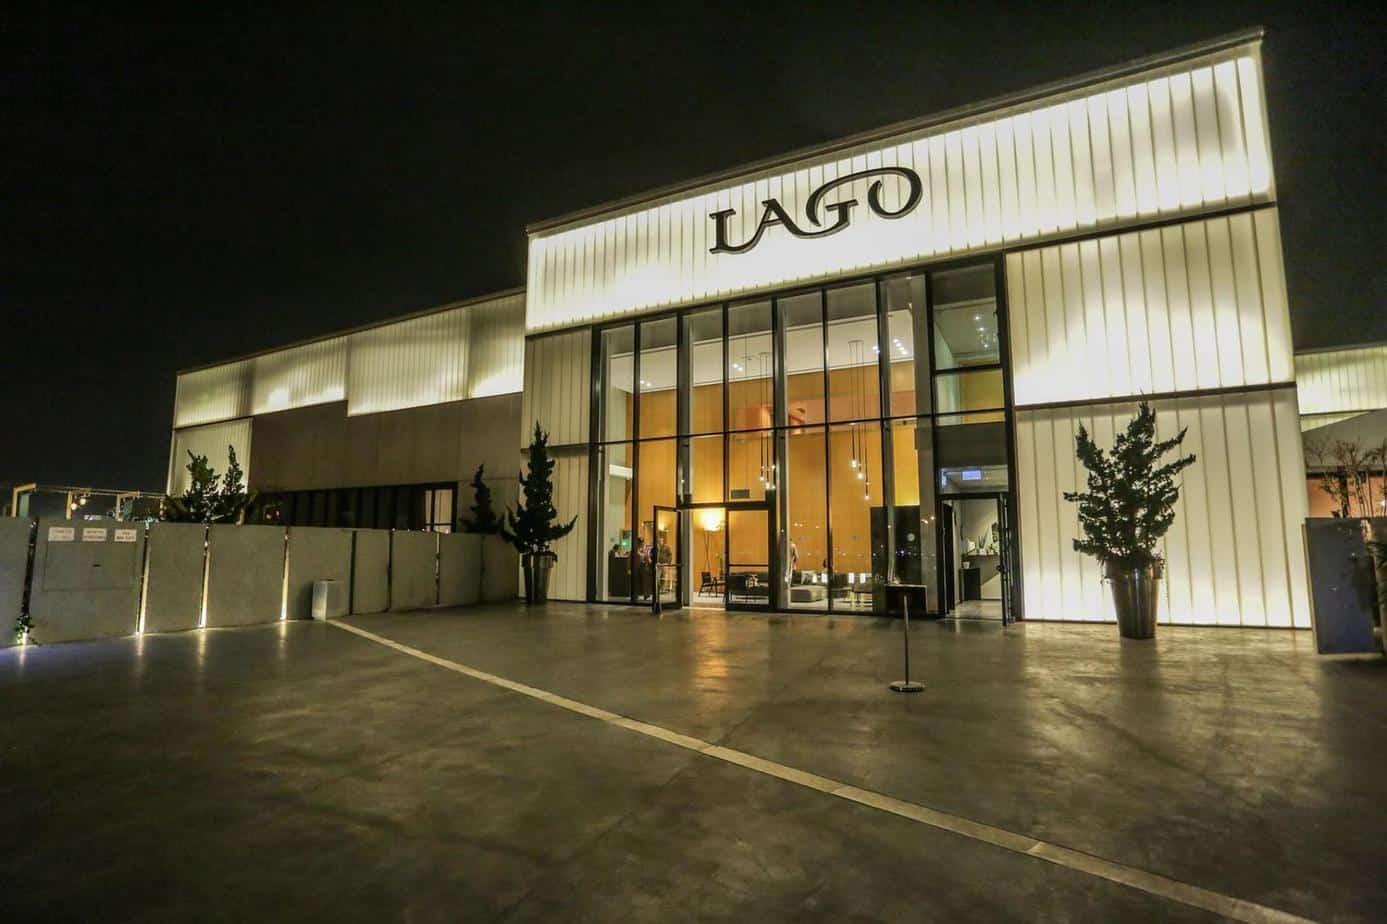 מתחם צילום רותם לבל LAGO צילום - רותם לבל תמונת אווירה44 (31)